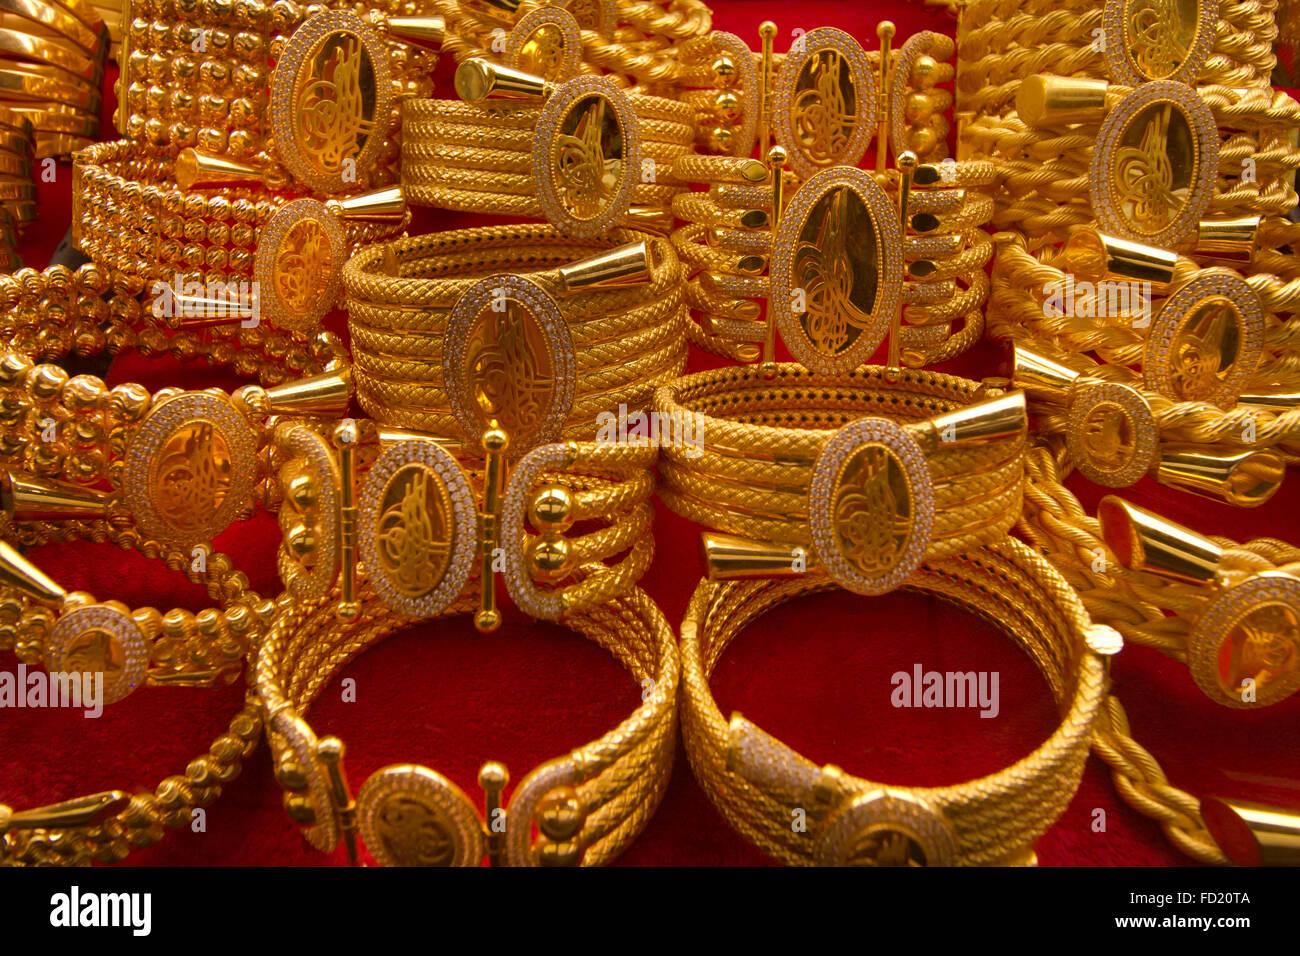 Arap gold - pantallas idénticas pueden ser vistos en los zocos de oro en todos los Estados Árabes del Imagen De Stock